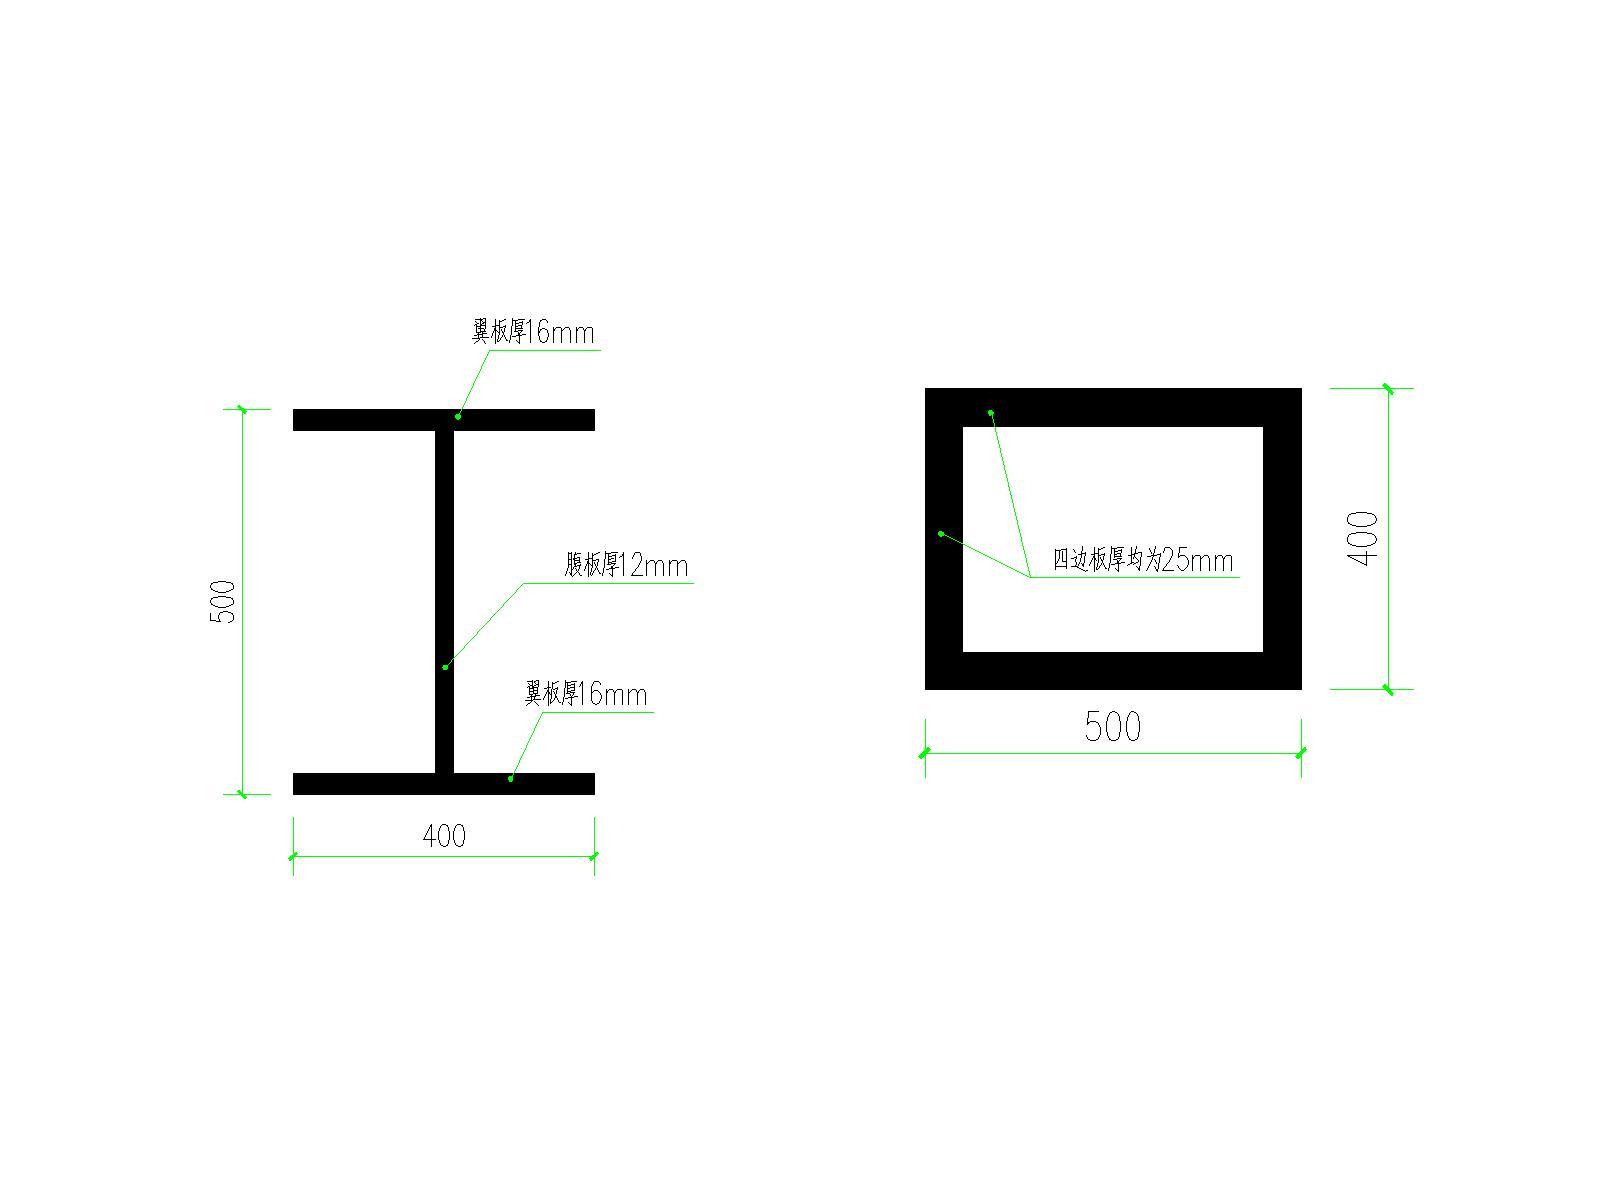 钢结构柱标识的问题-广联达服务新干线-答疑解惑